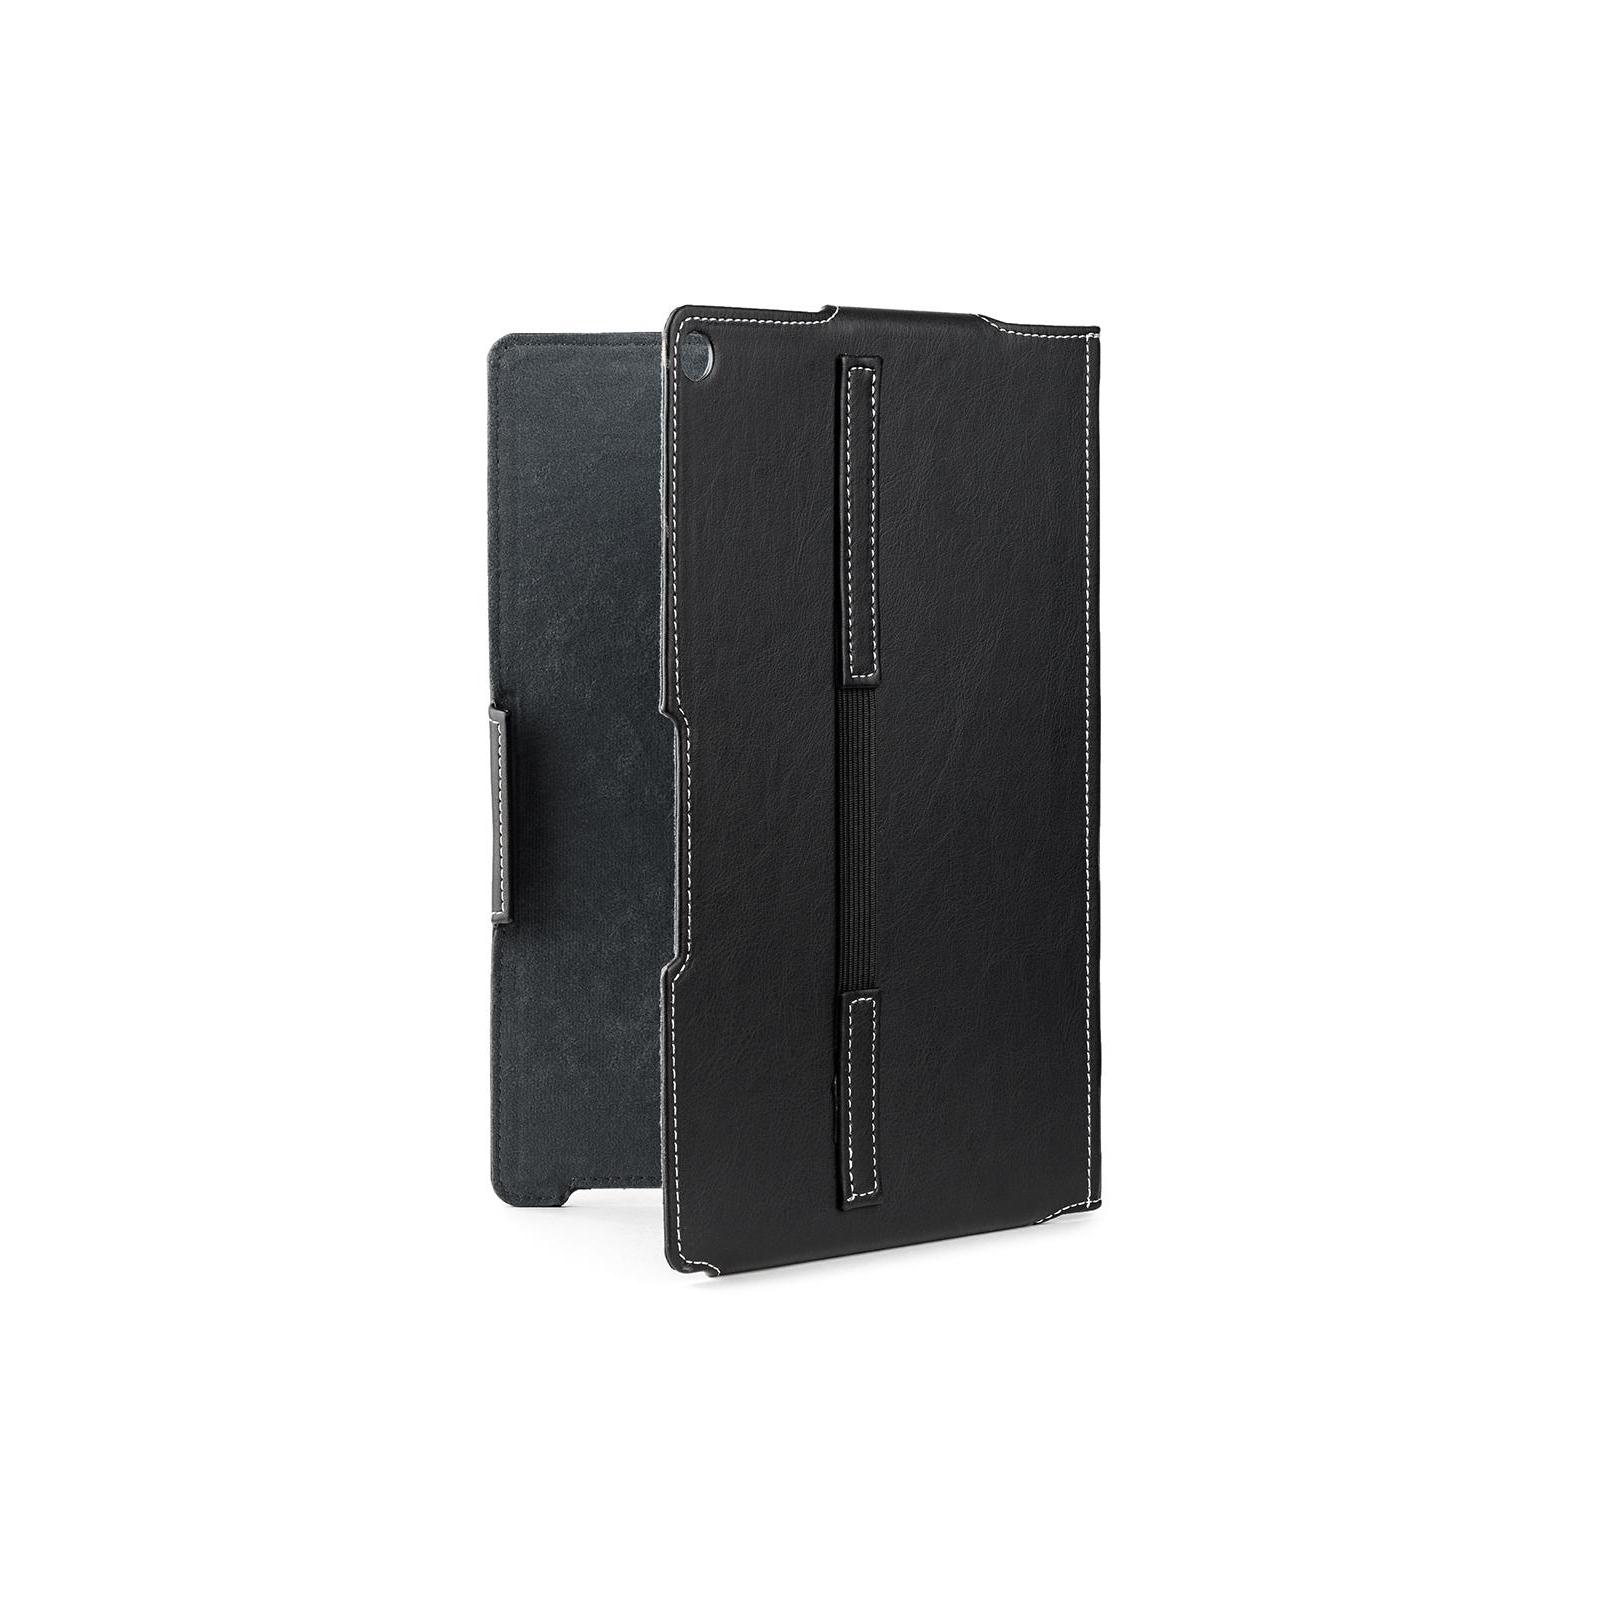 Чехол для планшета ASUS ZenPad 10 Z301 black Vinga (VNZP301MFL) изображение 2